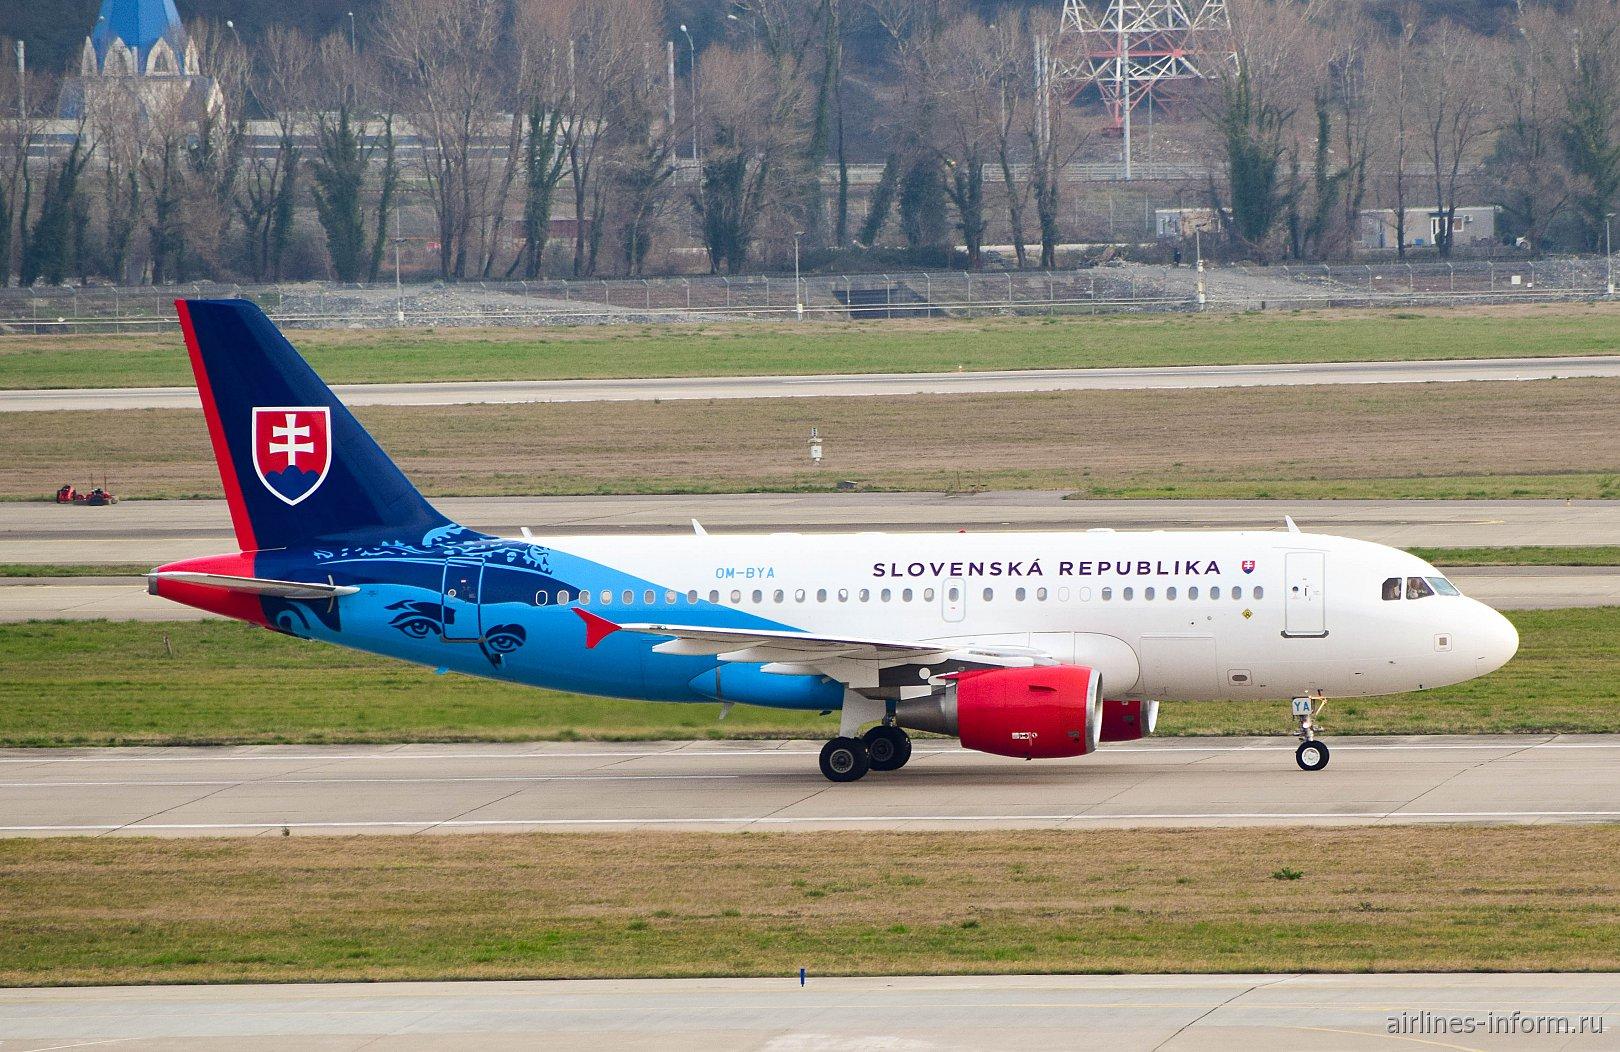 Самолет Airbus A319 OM-BYA Правительства Словакии в аэропорту Сочи